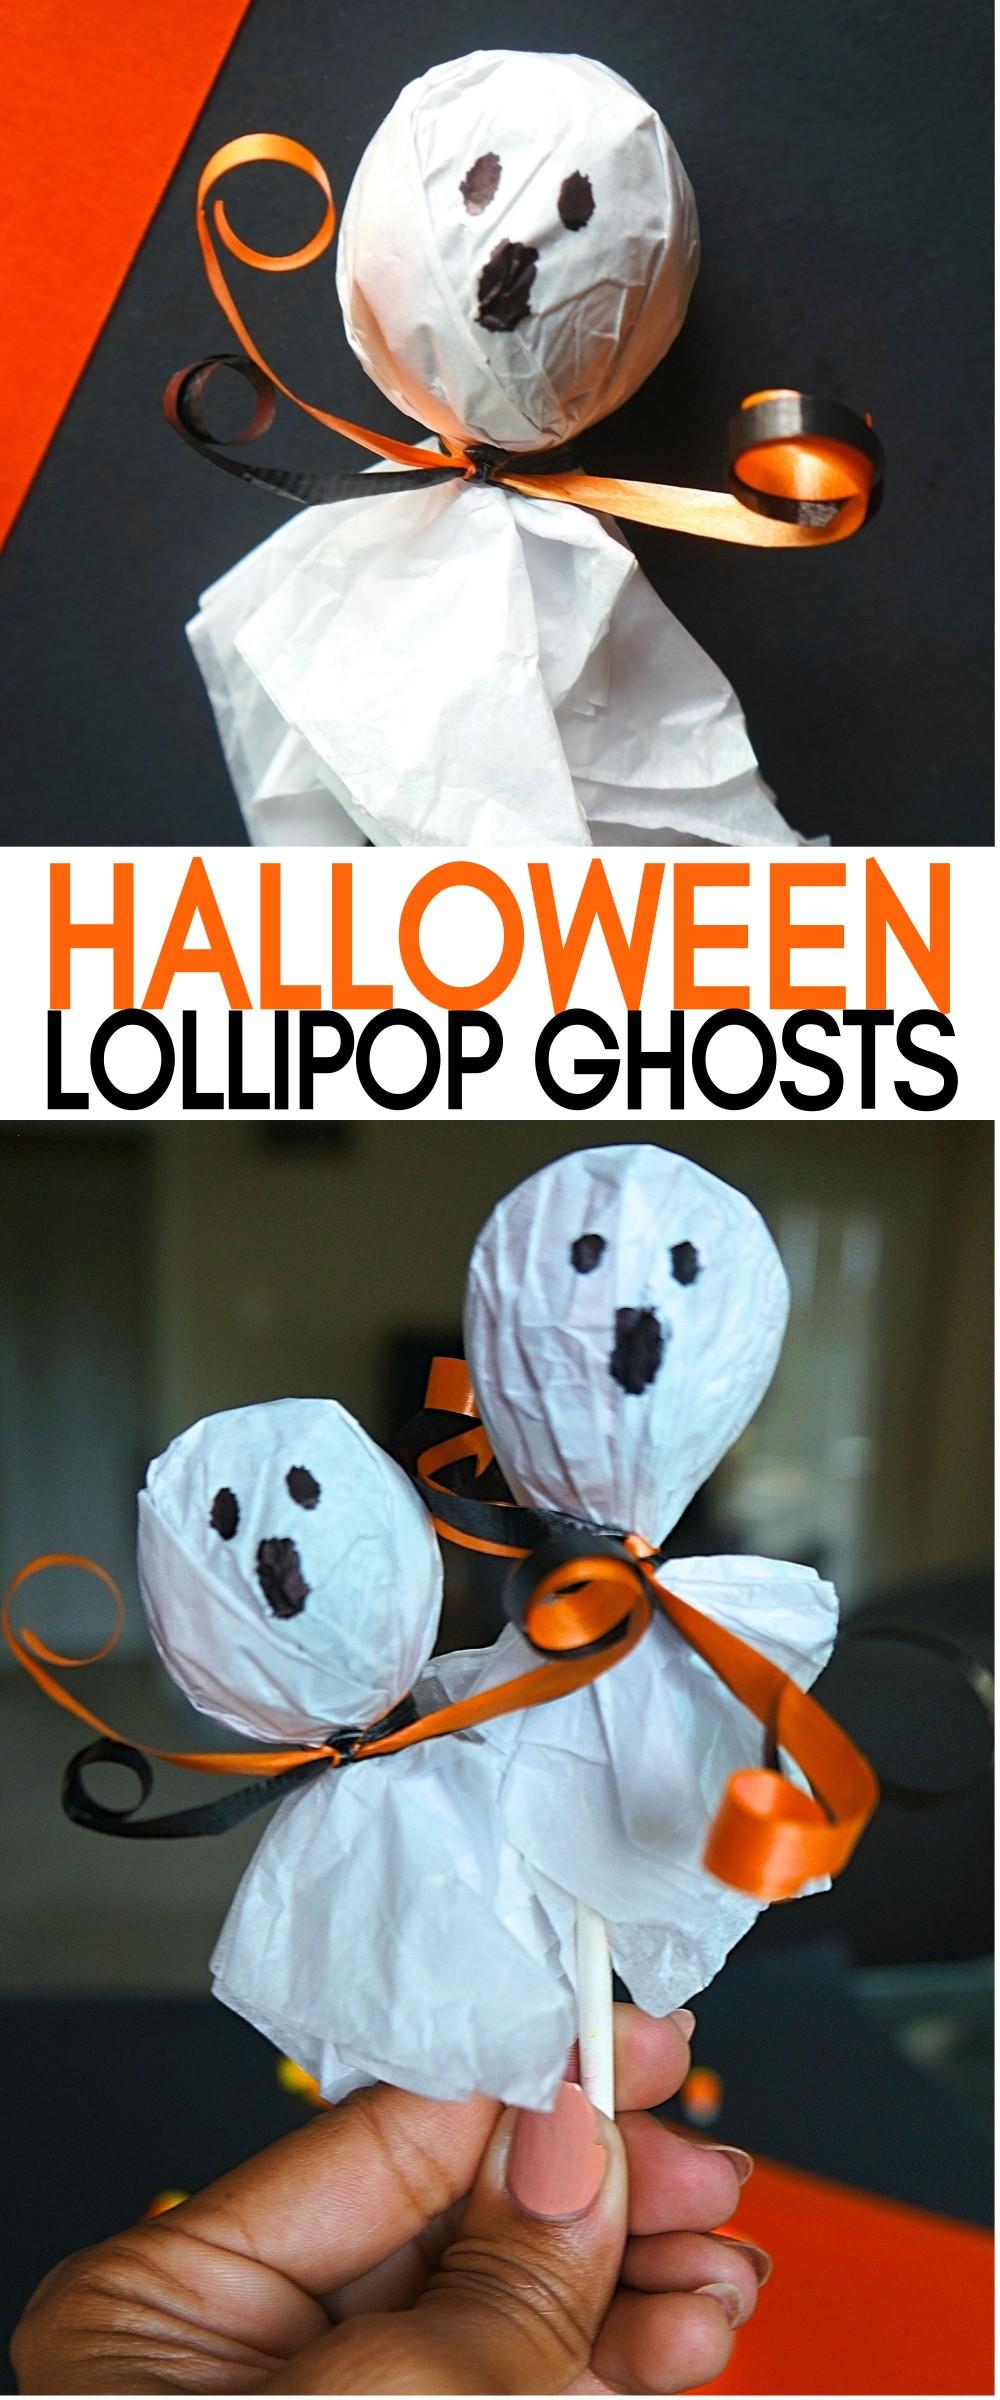 Easy Halloween Ghost Lollipops - Cute Halloween Treats for School | fast and easy halloween treats | Halloween ghost lollipops | halloween lollipop ghosts | halloween snacks for school | tissue paper ghosts | tootsie pop ghosts | how to make lollipop ghosts | how to make lollipop ghosts | honeyandlime.co